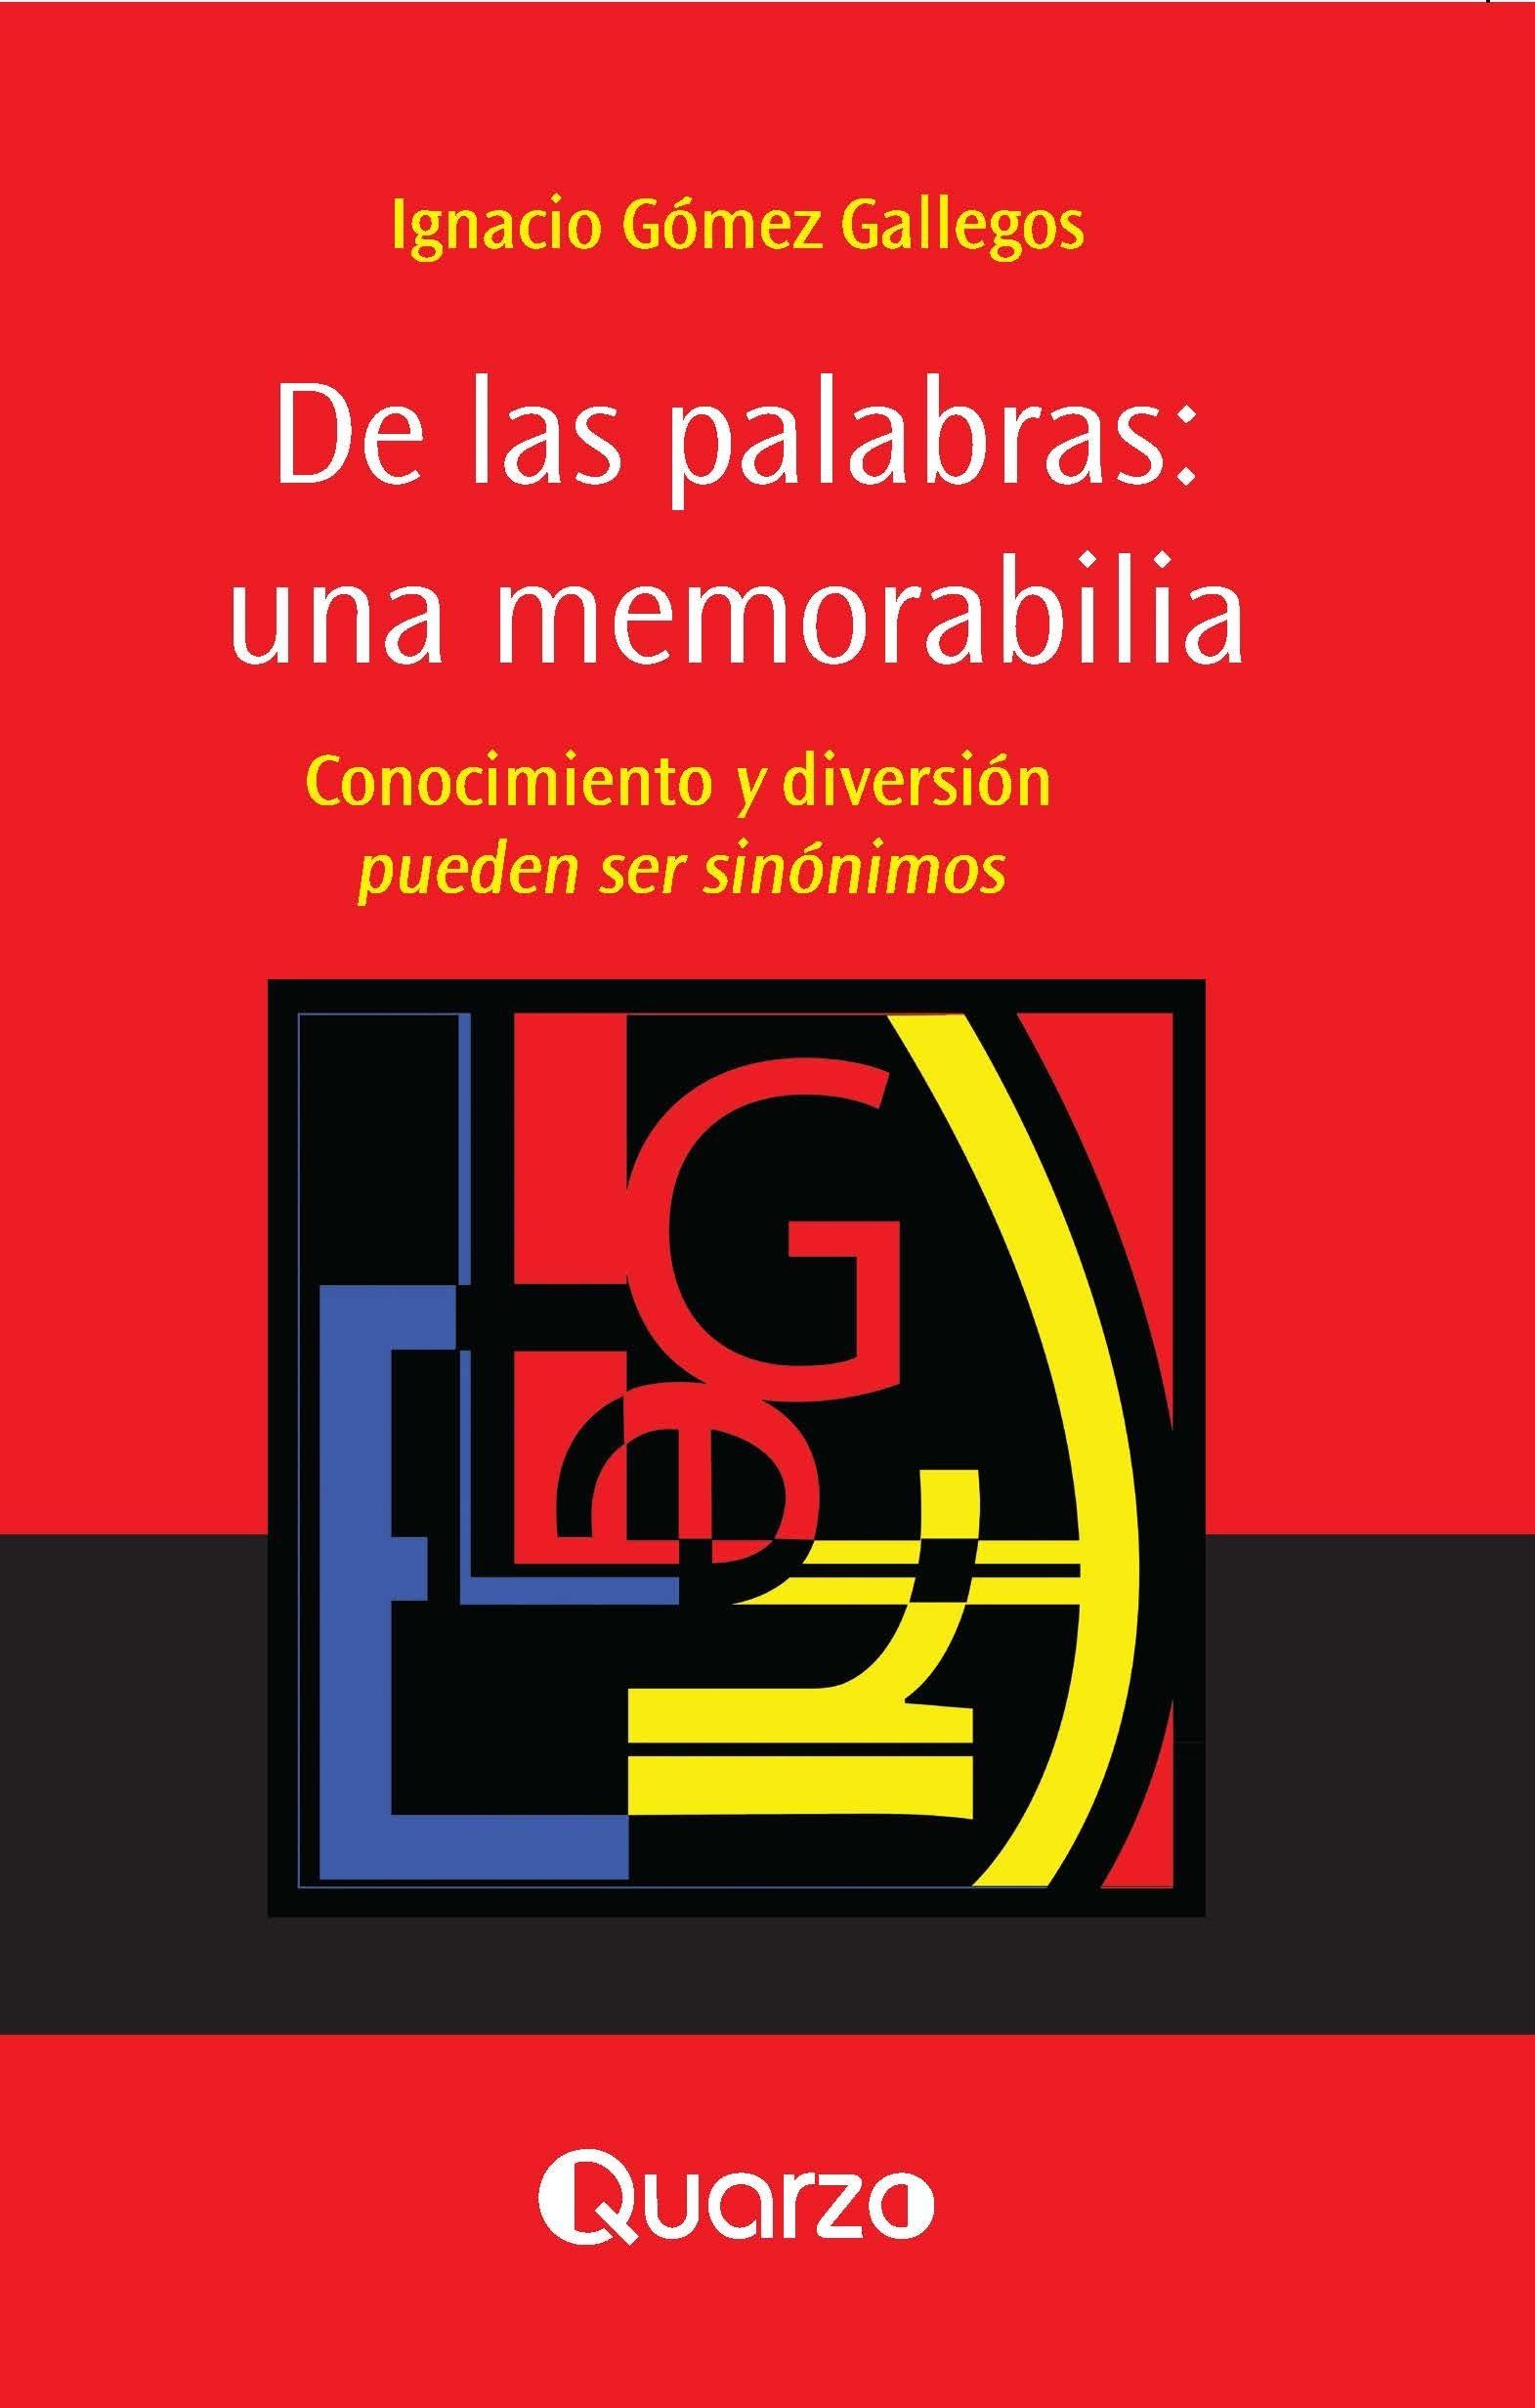 De las palabras: una memorabilia. Conocimiento y diversion pueden ser sinonimos.  by  Ignacio Gomez Gallegos